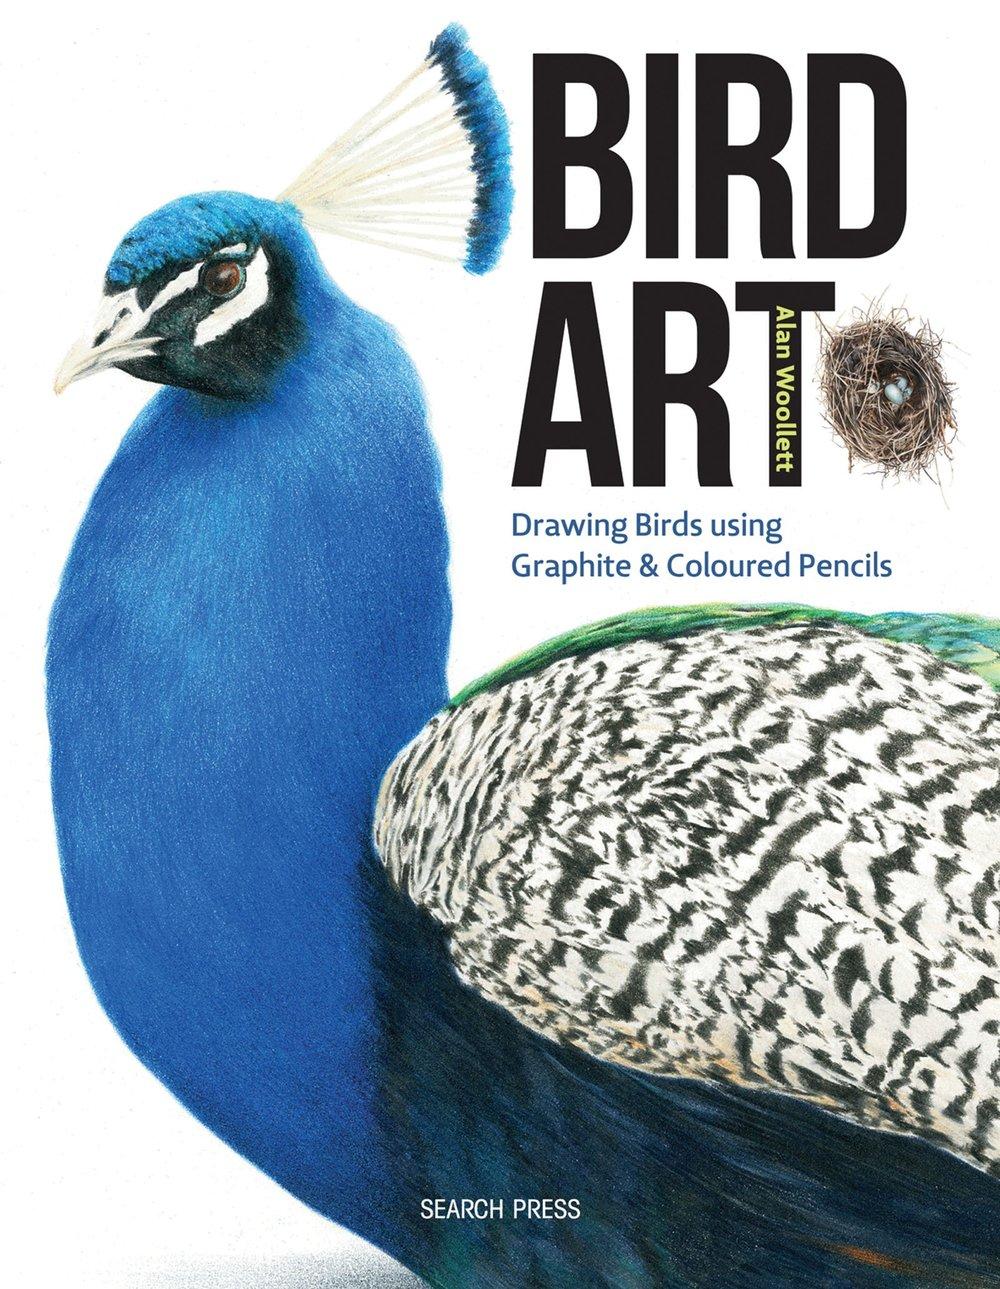 Bird Art by Alan Woollett